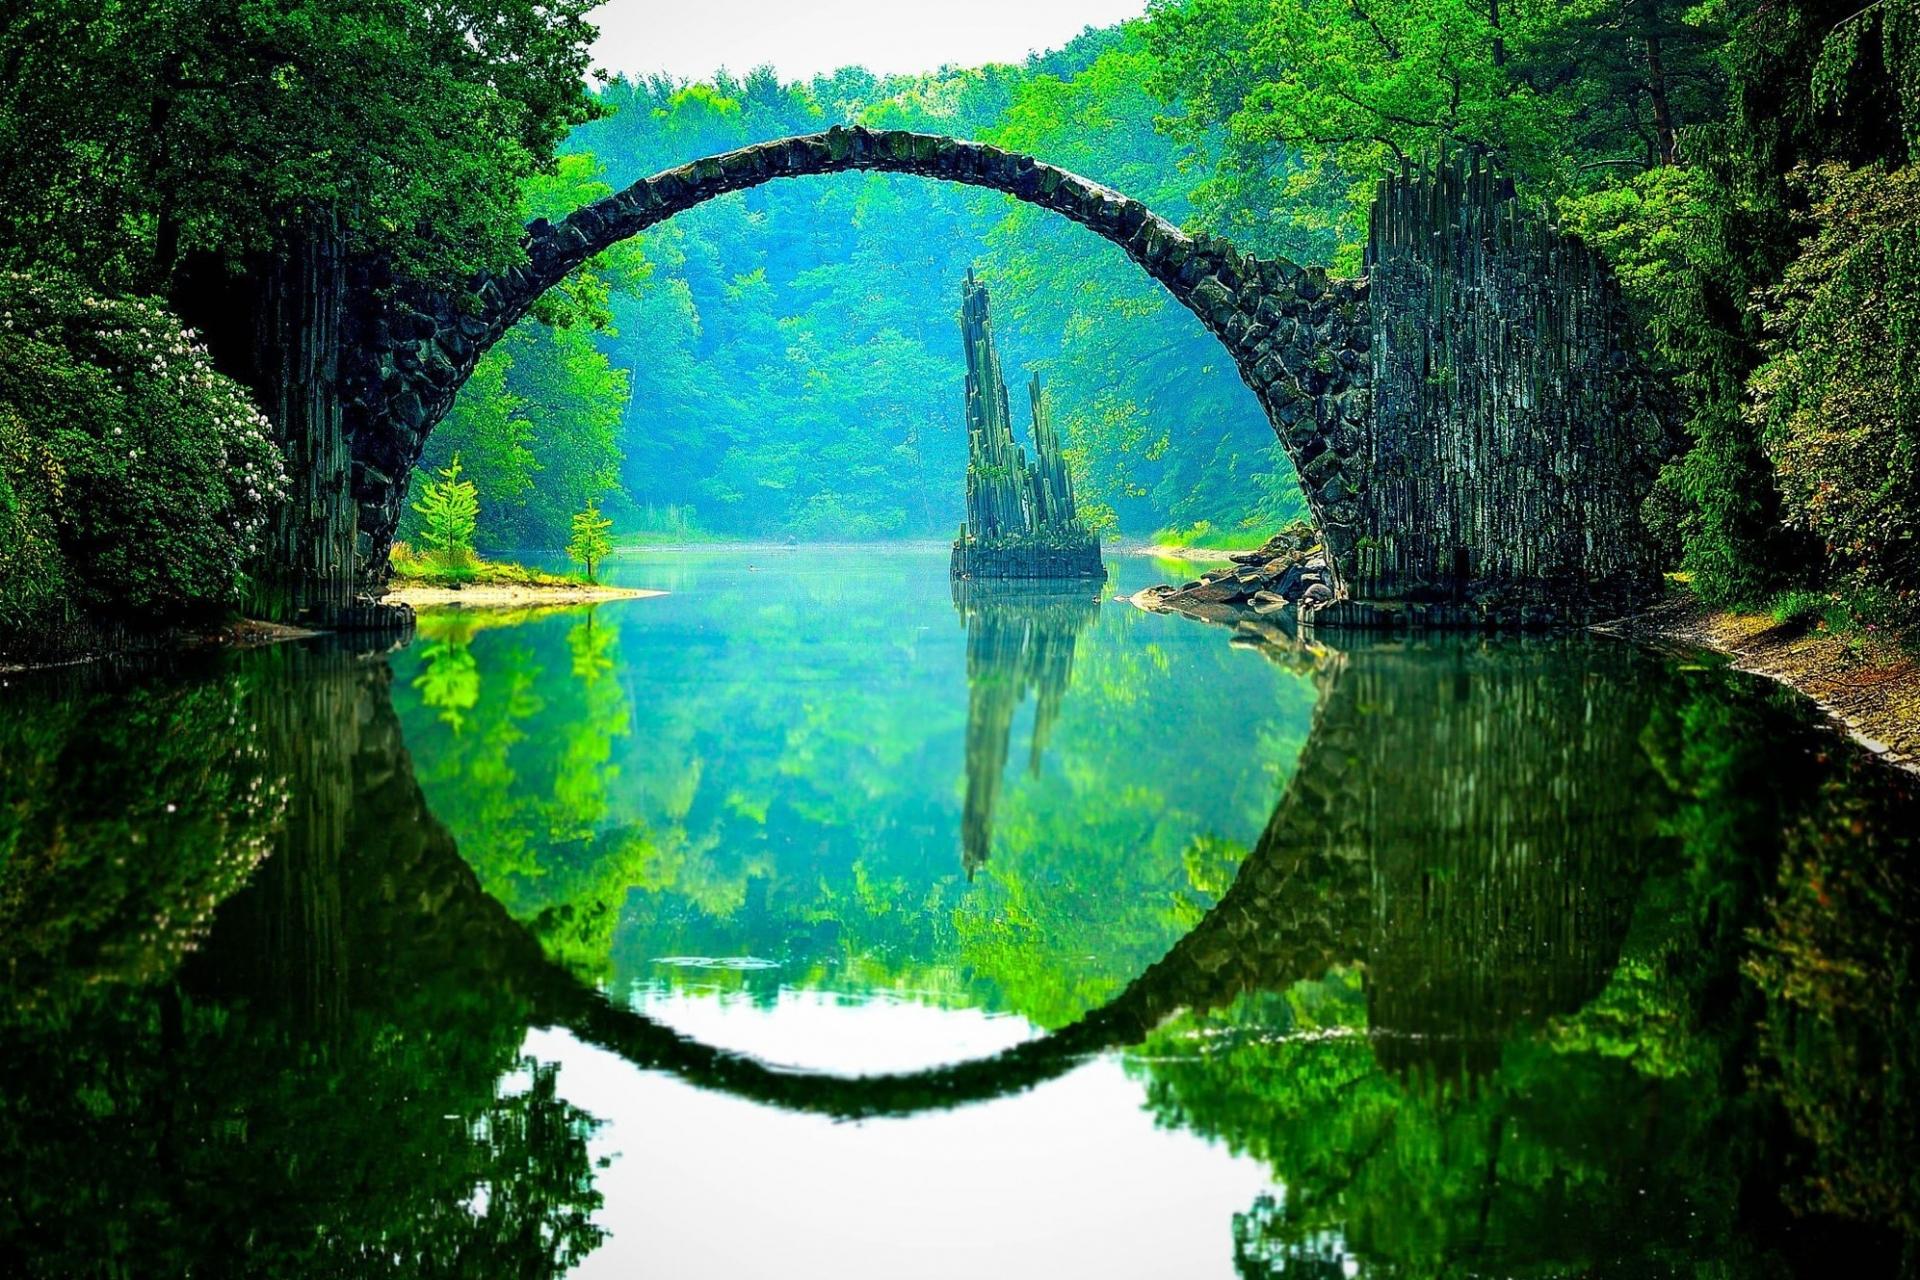 Cây cầu được mệnh danh đẹp nhất thế giới